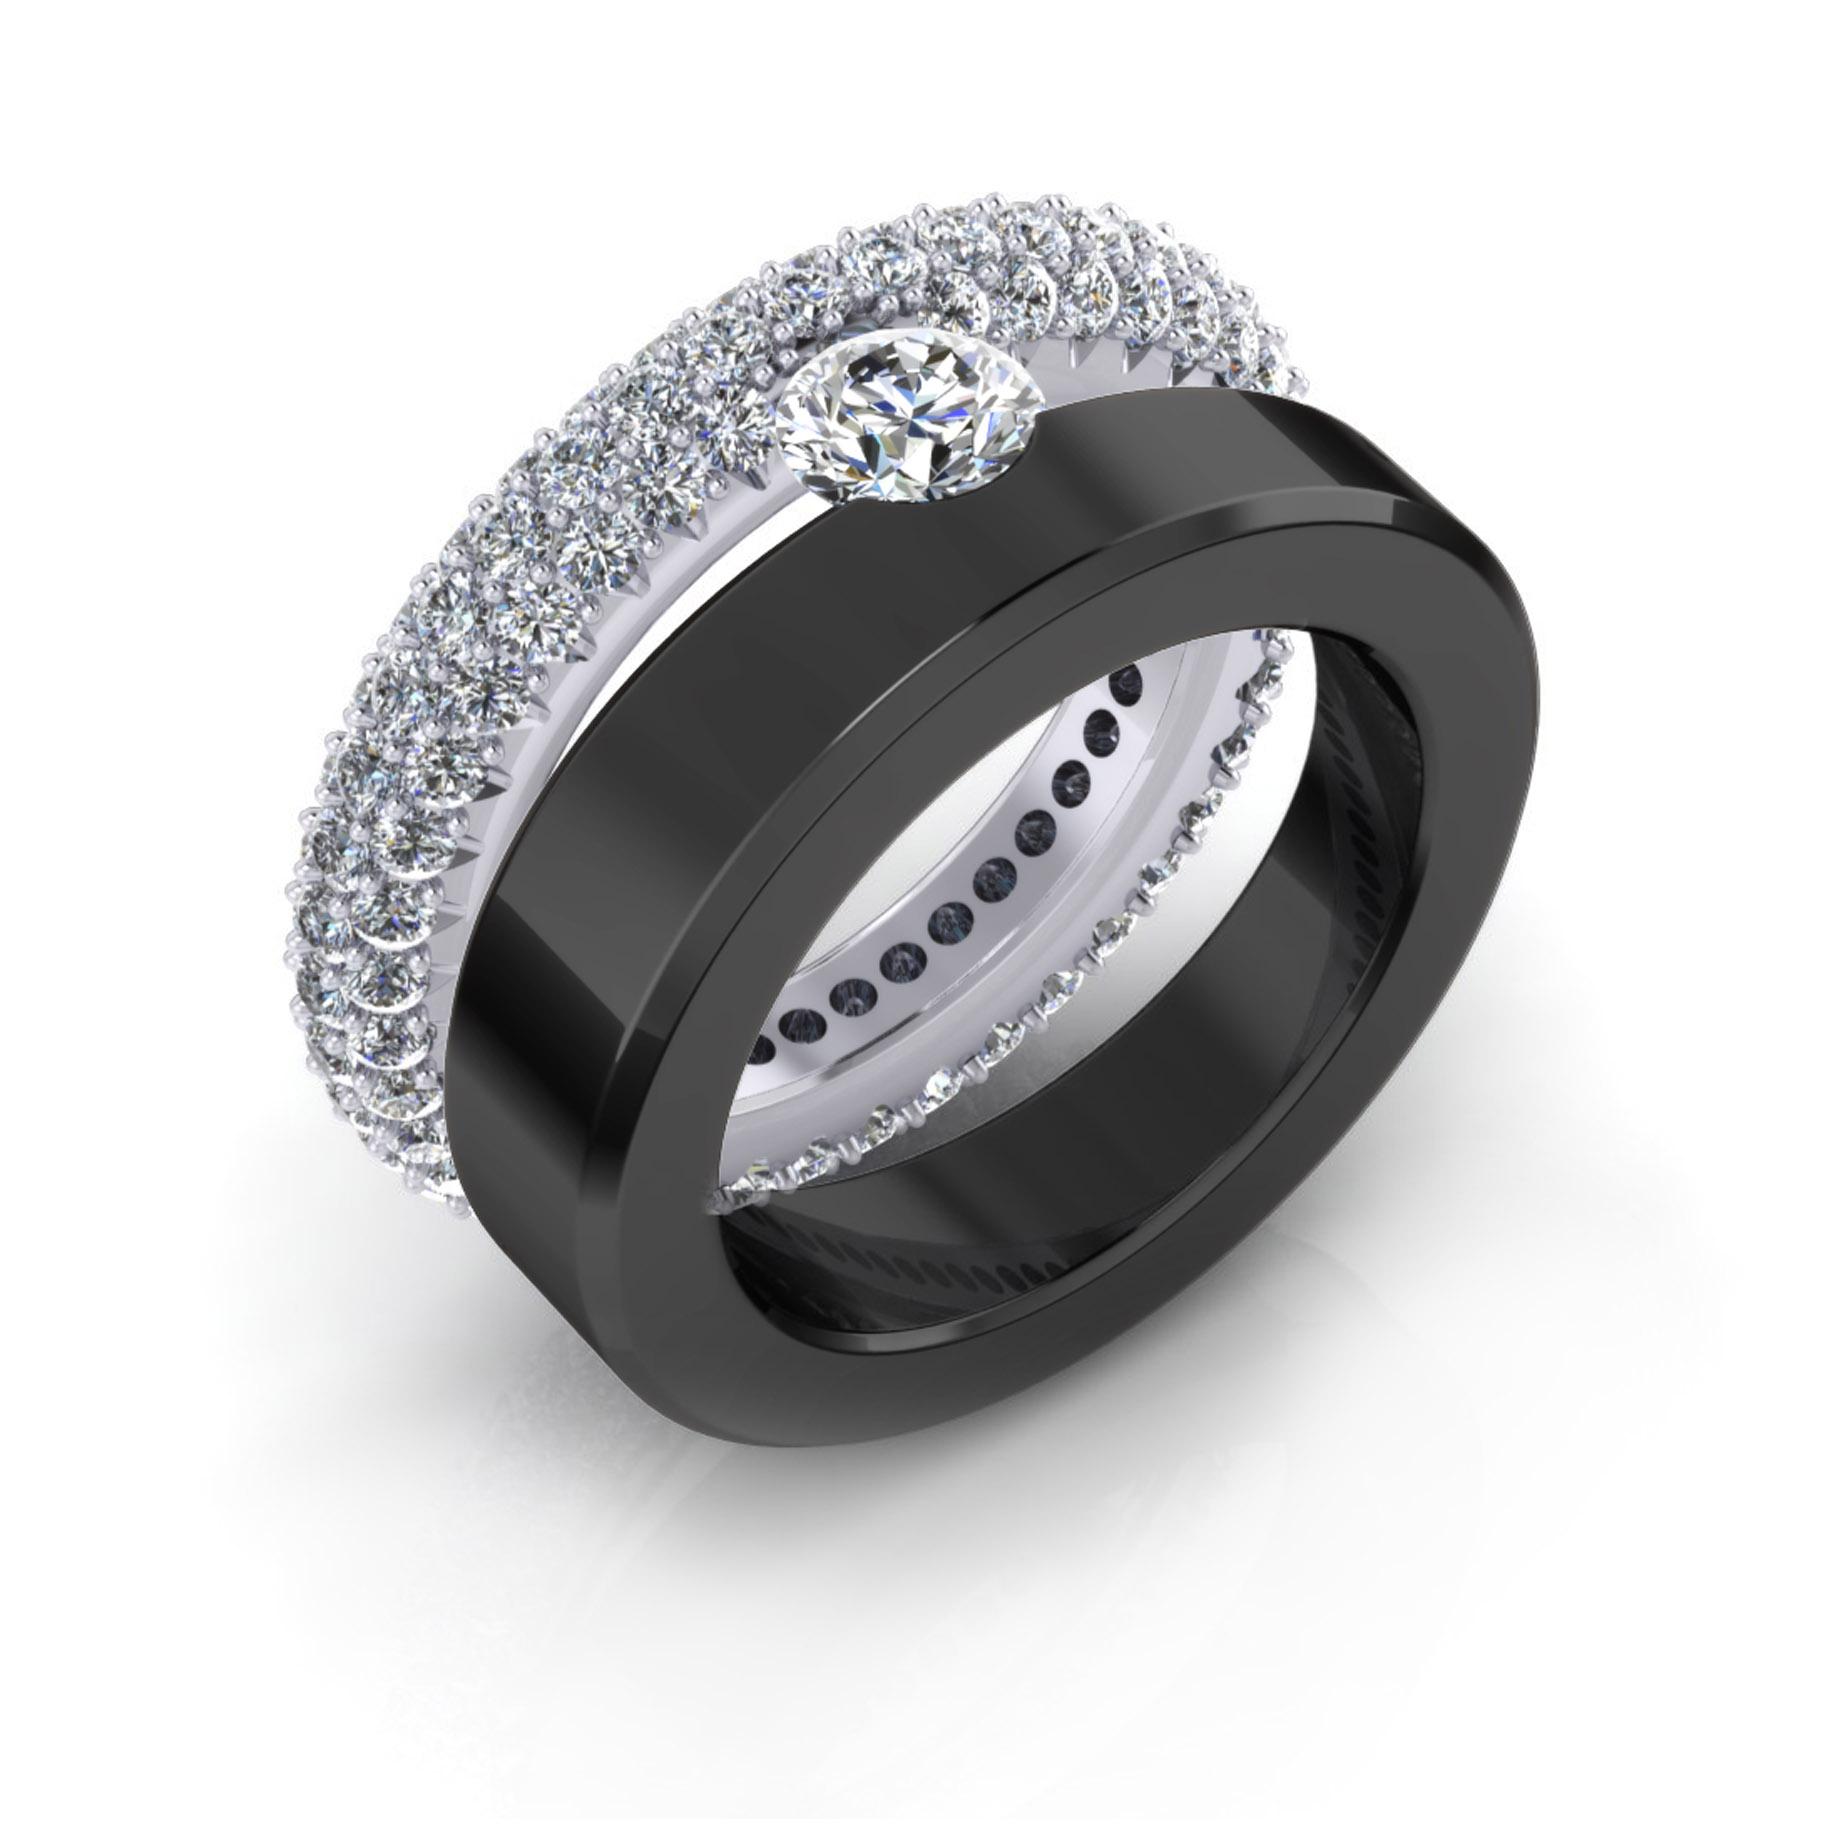 Anells de compromis en or blanc 18k 59 diamants